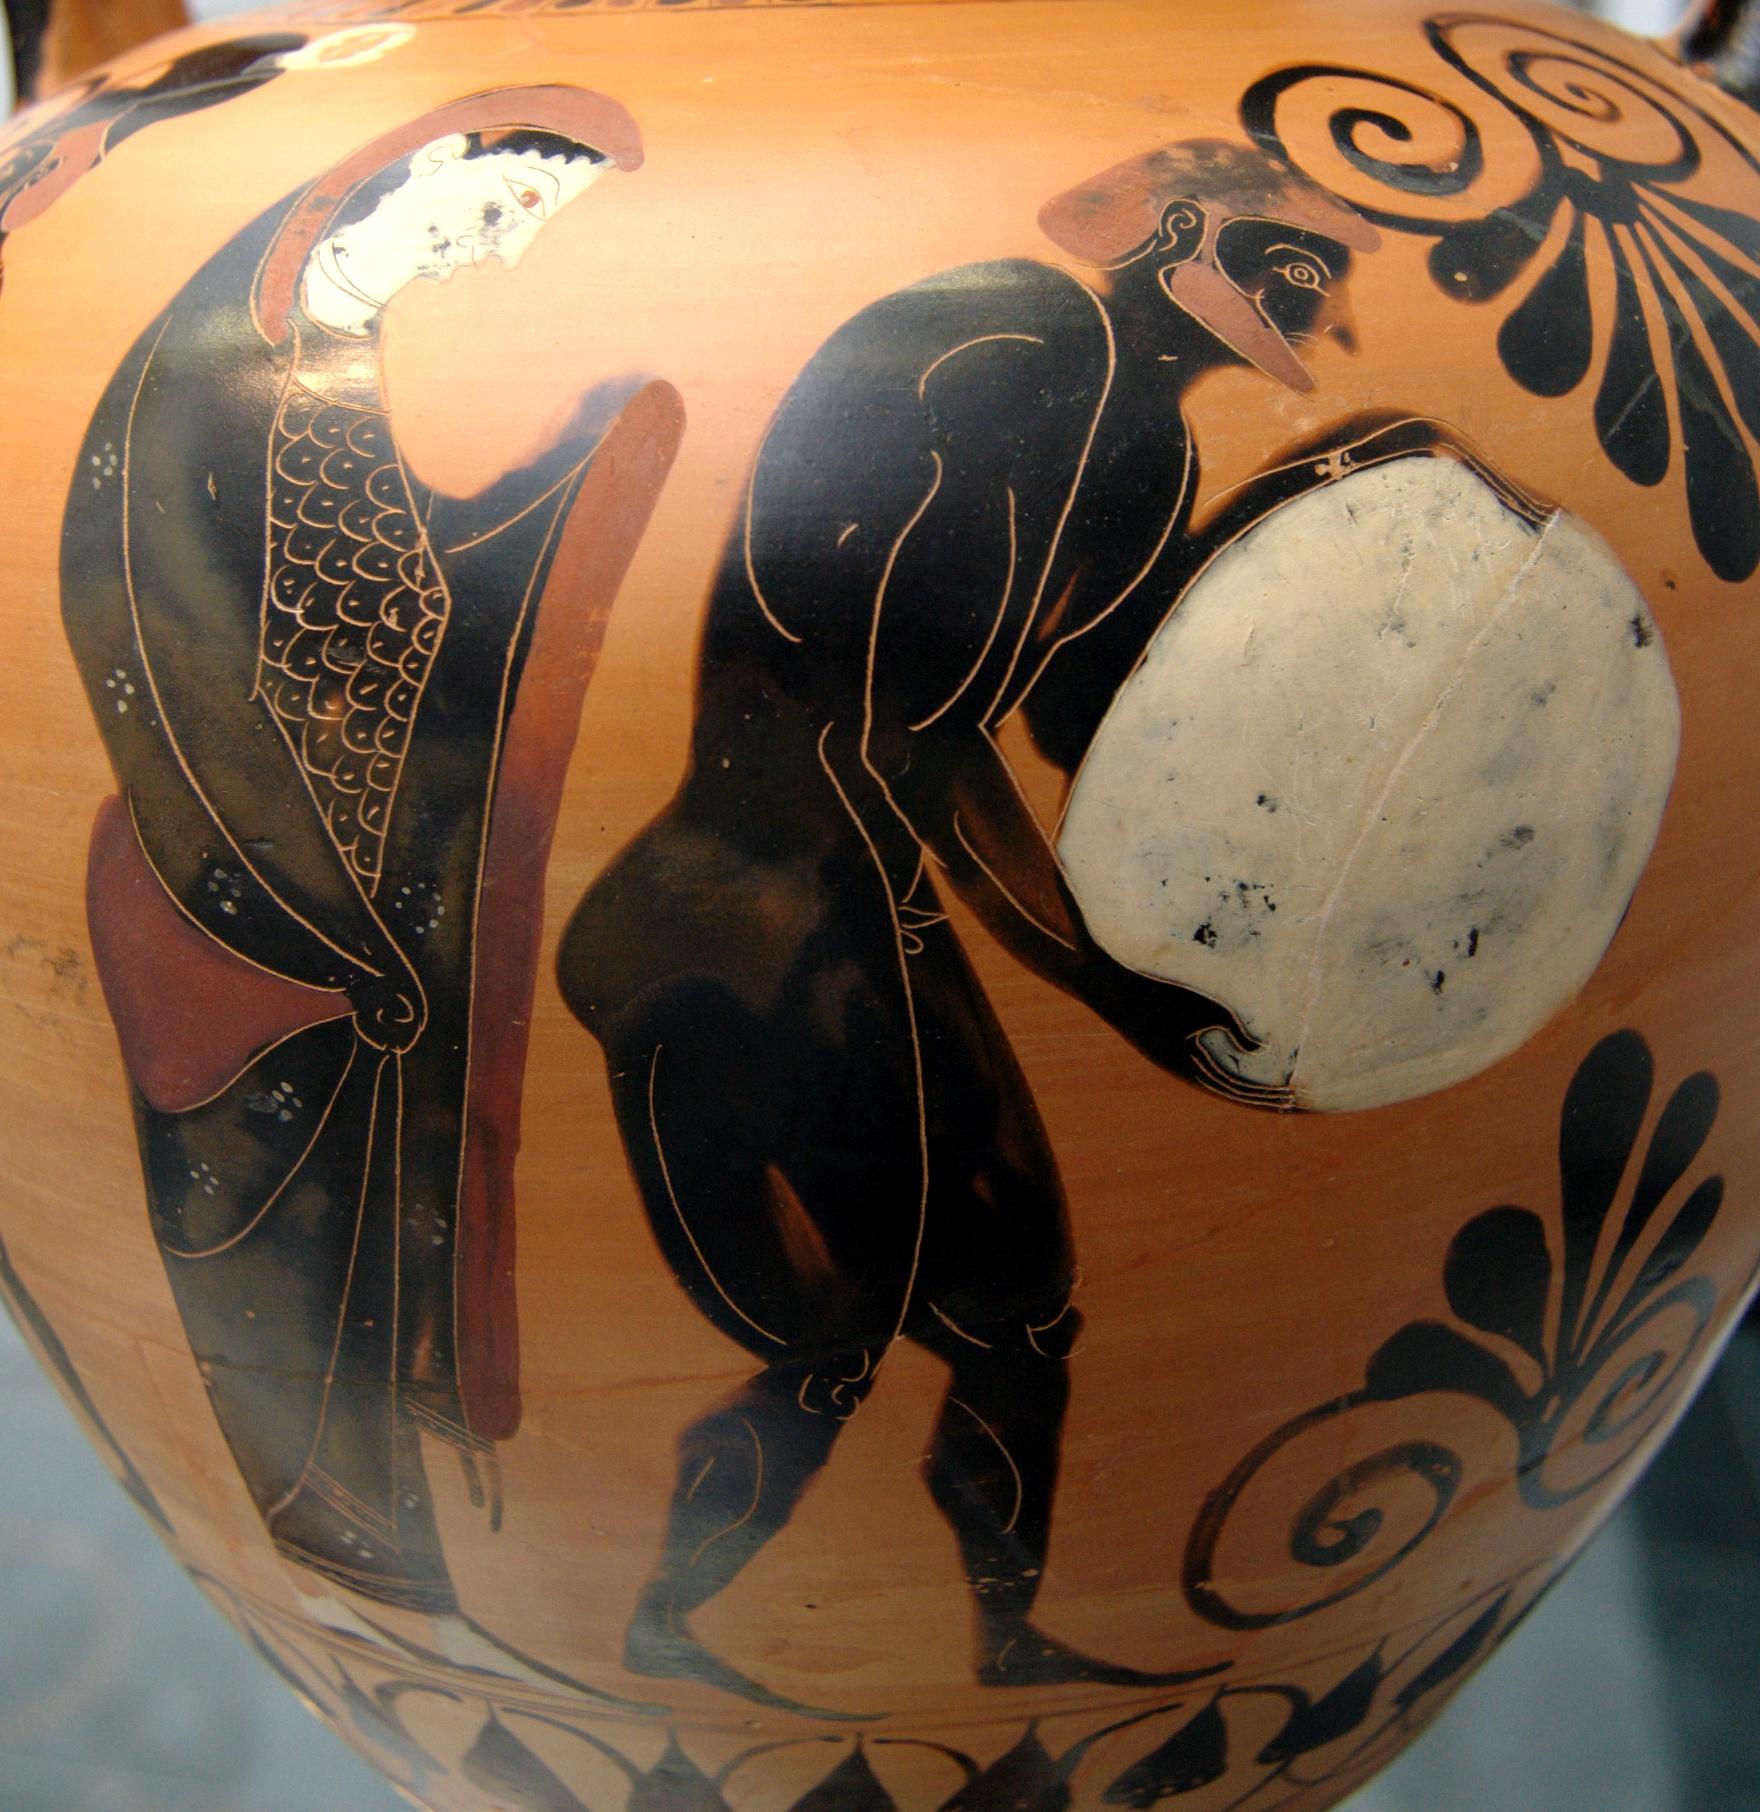 上图:主前530年的希腊双耳瓶,上面的图案是冥后珀耳塞福涅(Persephone)监督西西弗斯(Sisyphus)在冥界受罚。冥界(Τάρταρος, Tartaros)是希腊神话中「地狱」的代名词,是关押、惩罚恶人的监狱,用冥河与人间世界连通。在希腊神话中,主神宙斯取得了天、地、海和地狱的统治权之后,把克洛诺斯等泰坦巨神丢到冥界。